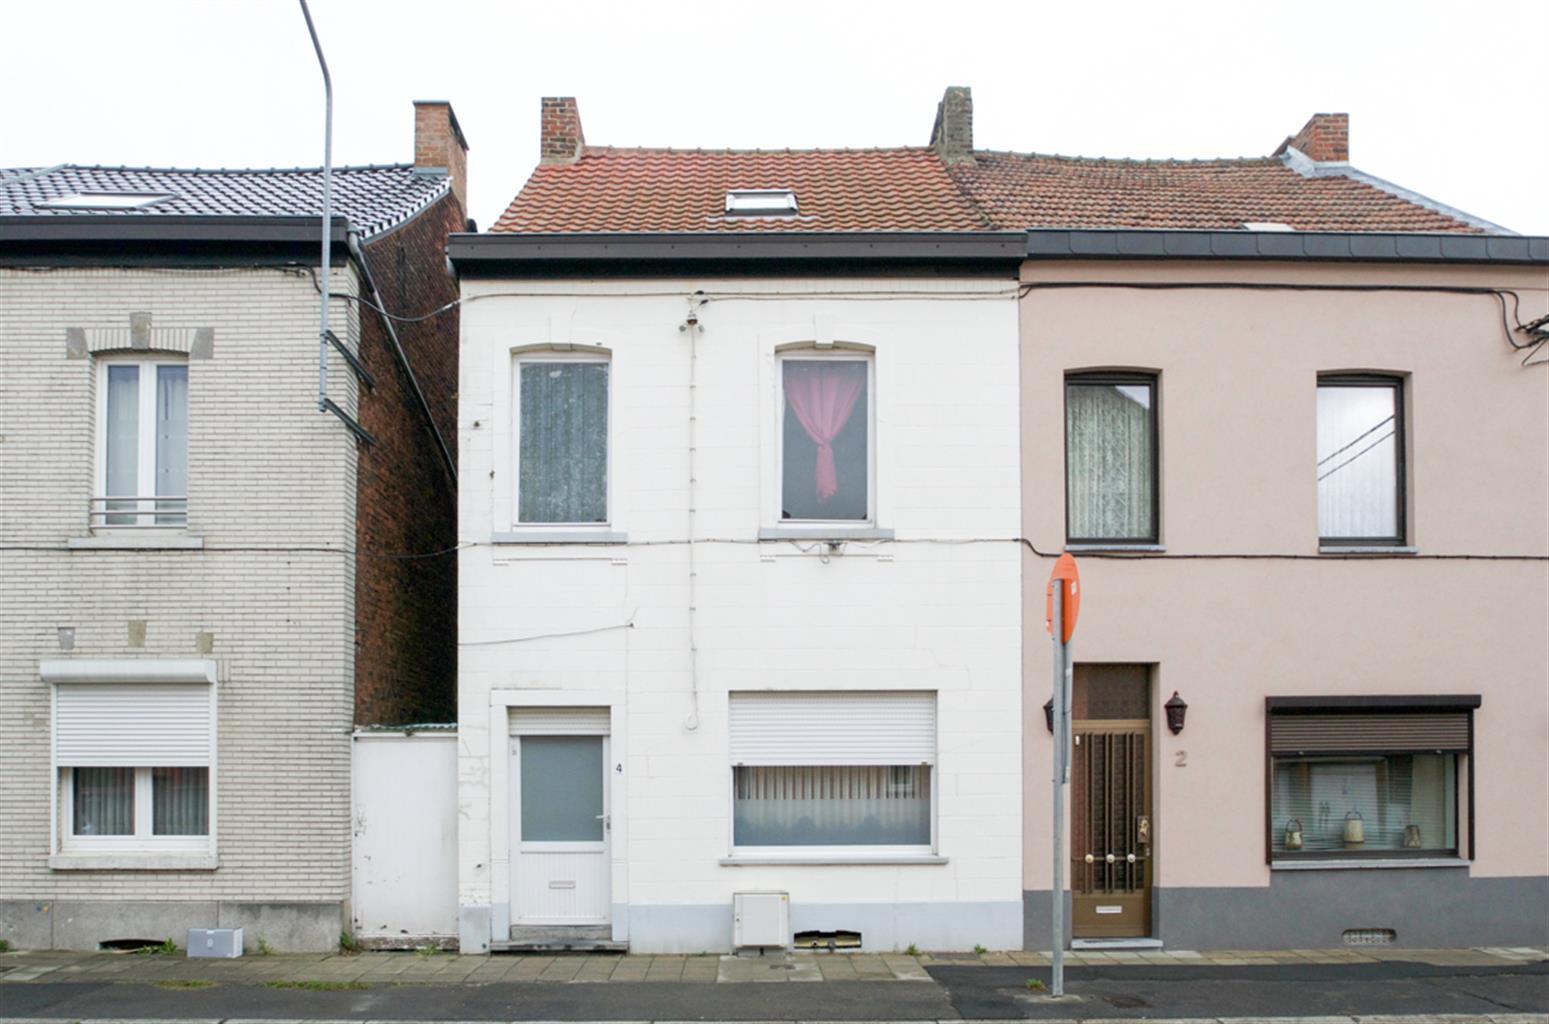 Maison - Monceau-sur-Sambre - #3636799-9